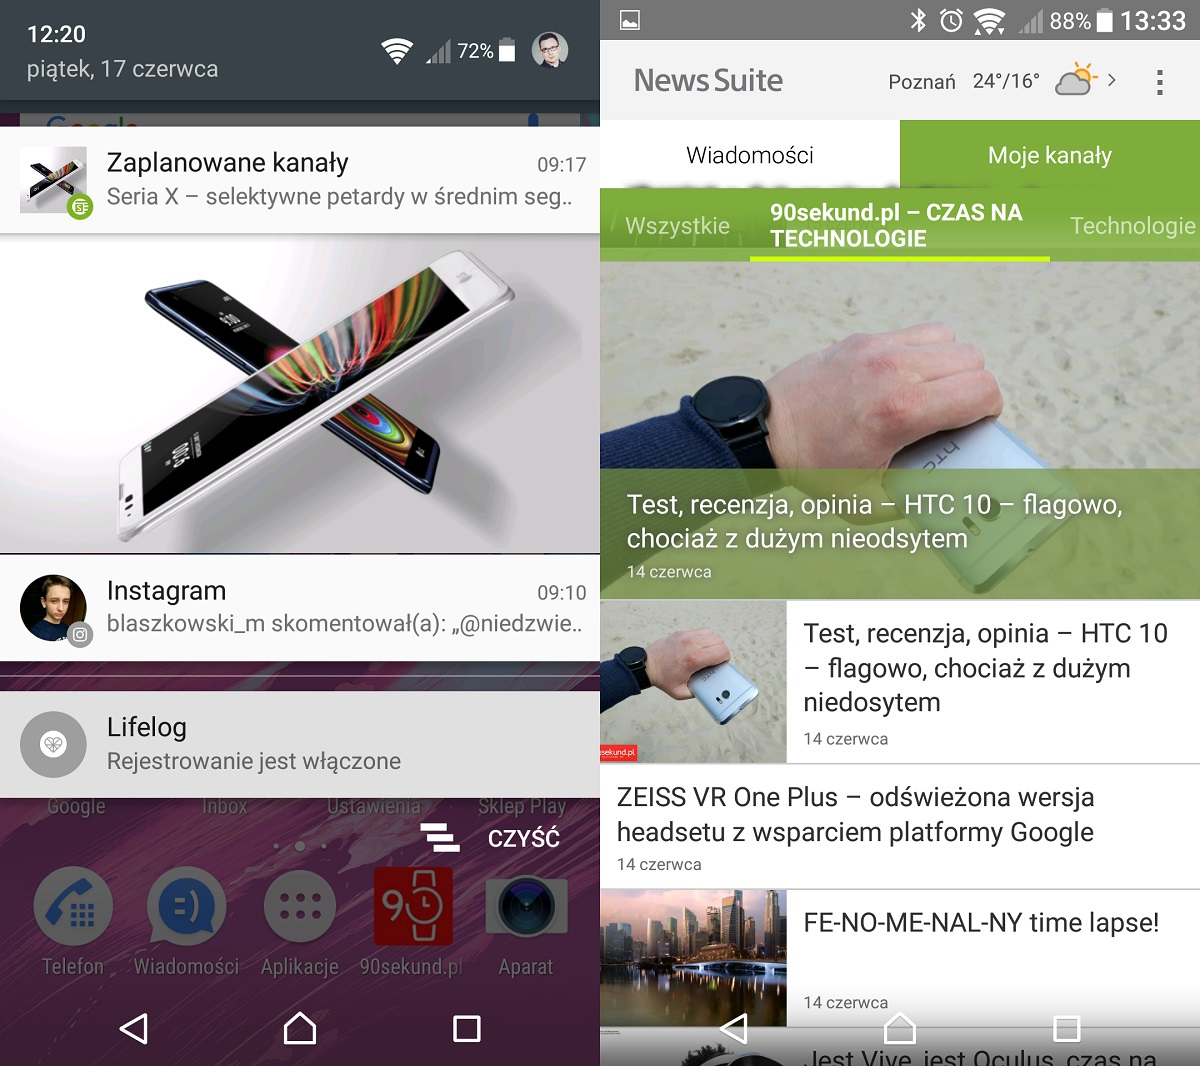 Sony Xperia X (F5121) - agregator newsów od Sony: NewsSuite - recenzja 90sekund.pl